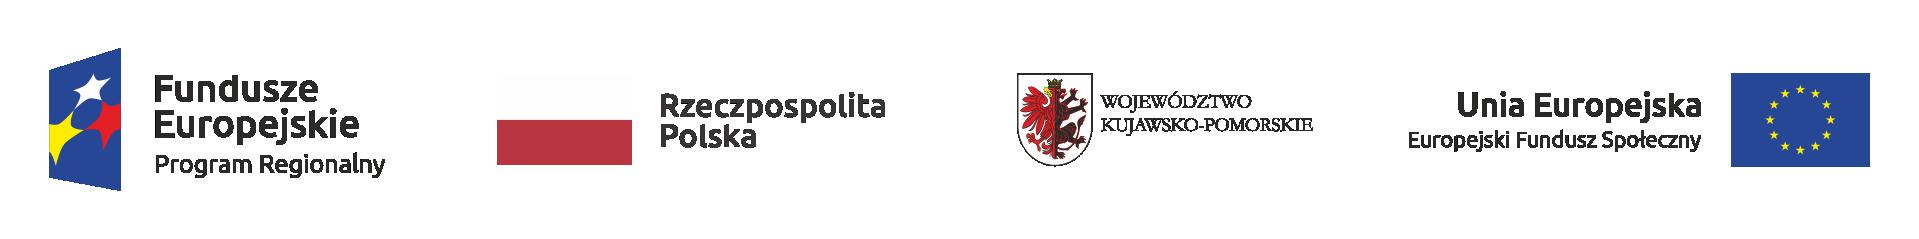 Grafika przedstawiająca logotypy instytucji rządowych. Od lewej: Fundusze Europejskie Program Regionalny, Rzeczpospolita Polska, Województwo Kujawsko-Pomorskie, Unia Europejska Europejski Fundusz Społeczny